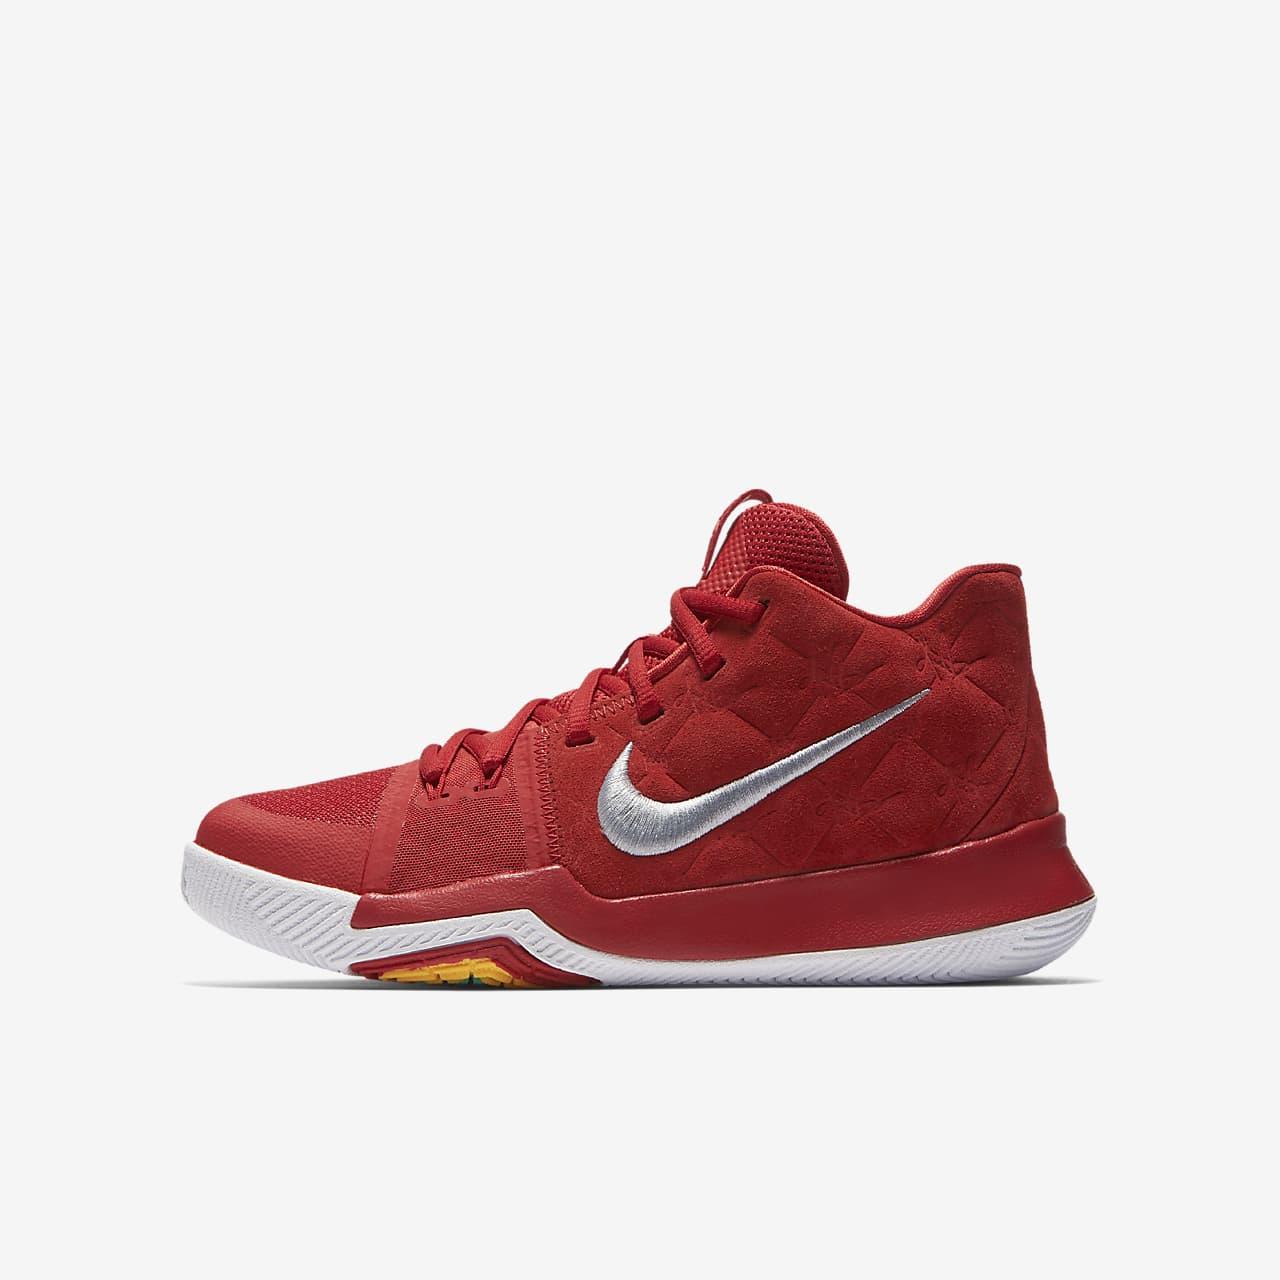 Kyrie 3 Big Kids' Basketball Shoe. Nike.com